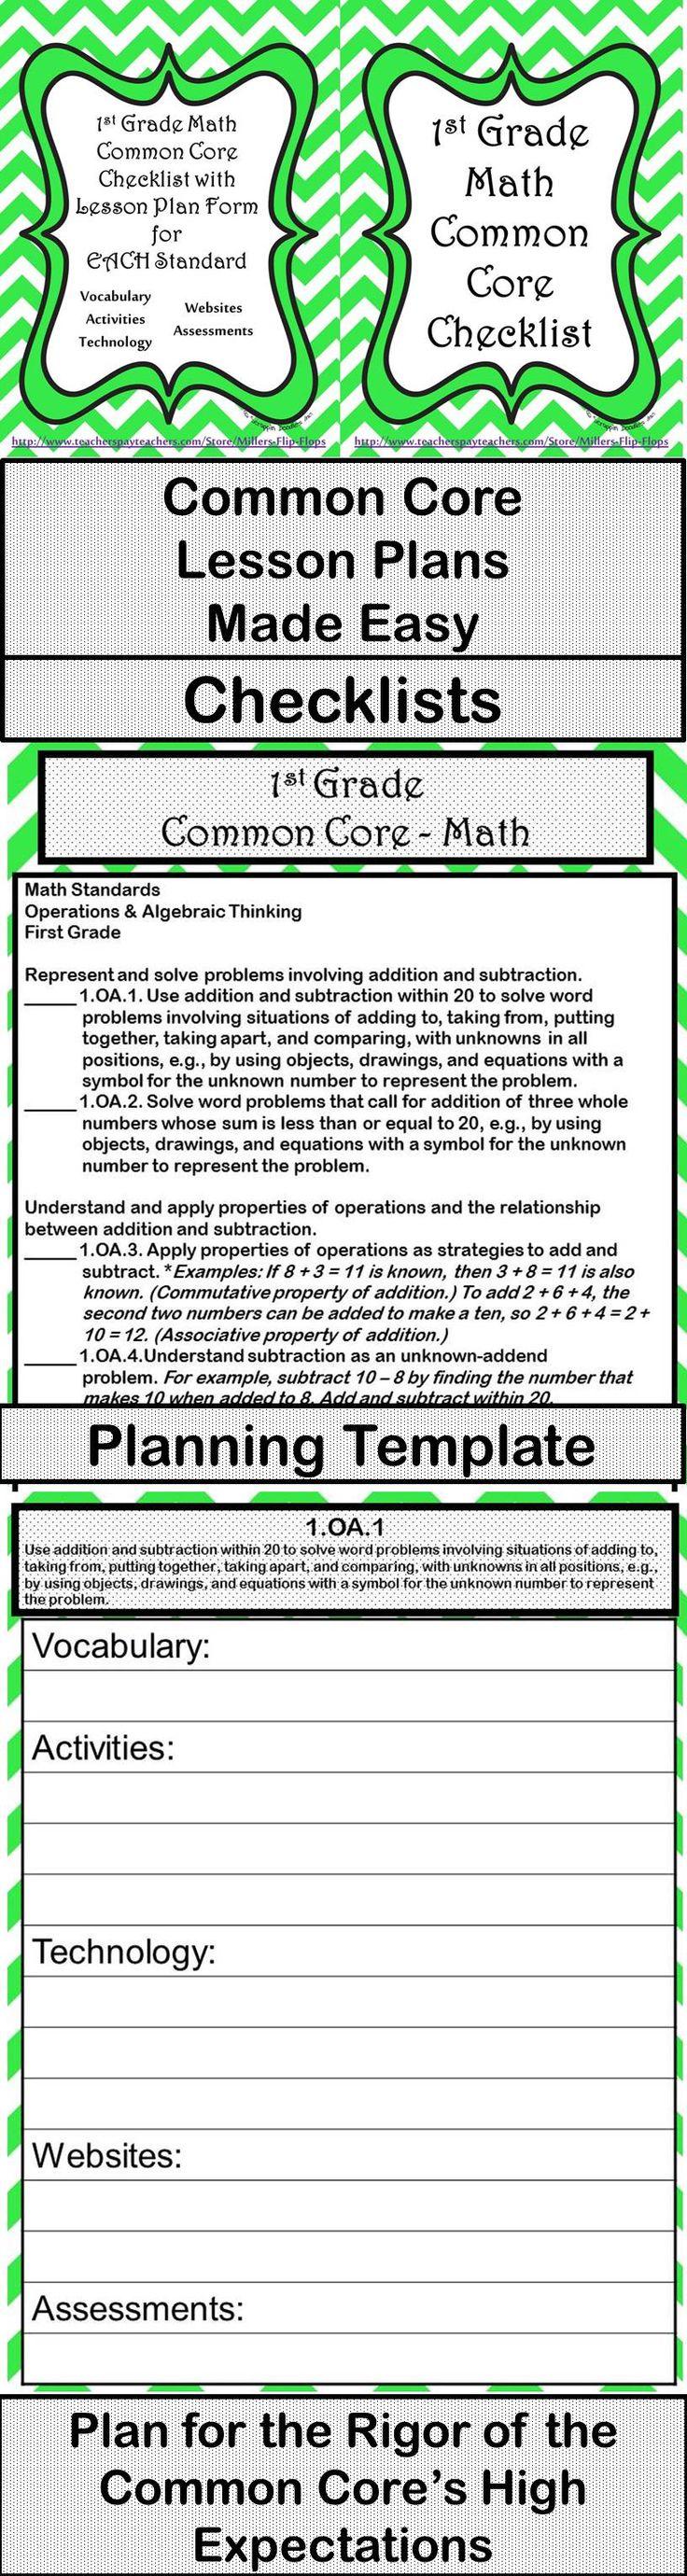 lesson preparation template - 1st grade math common core checklist lesson planning